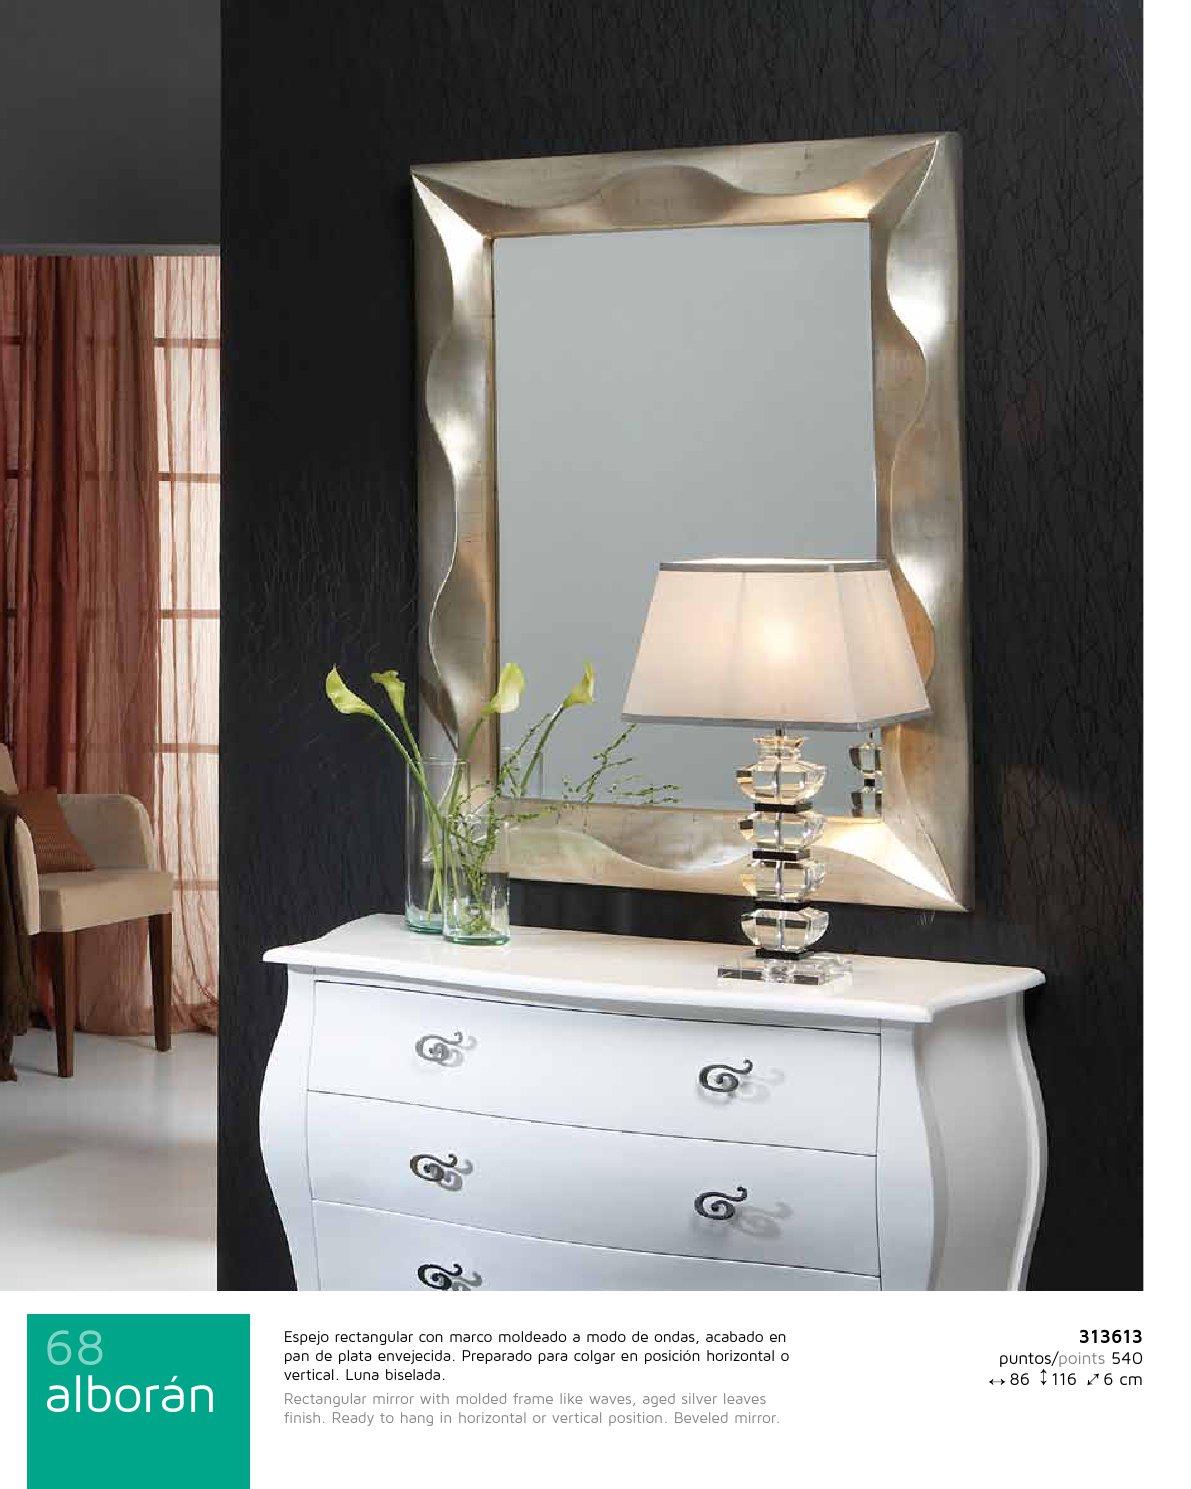 Schuller alboran specchio rettangolare quadro 313613 - Specchio invecchiato ...